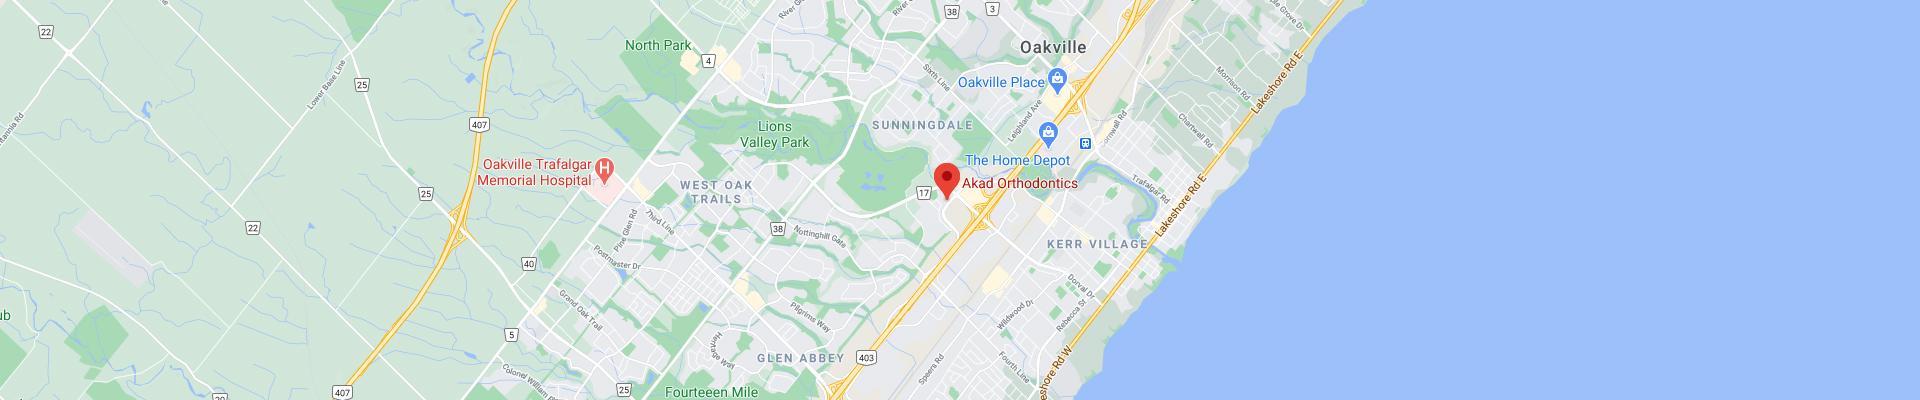 Akad-Orthodontics-Oakville-ON-Footer-Map